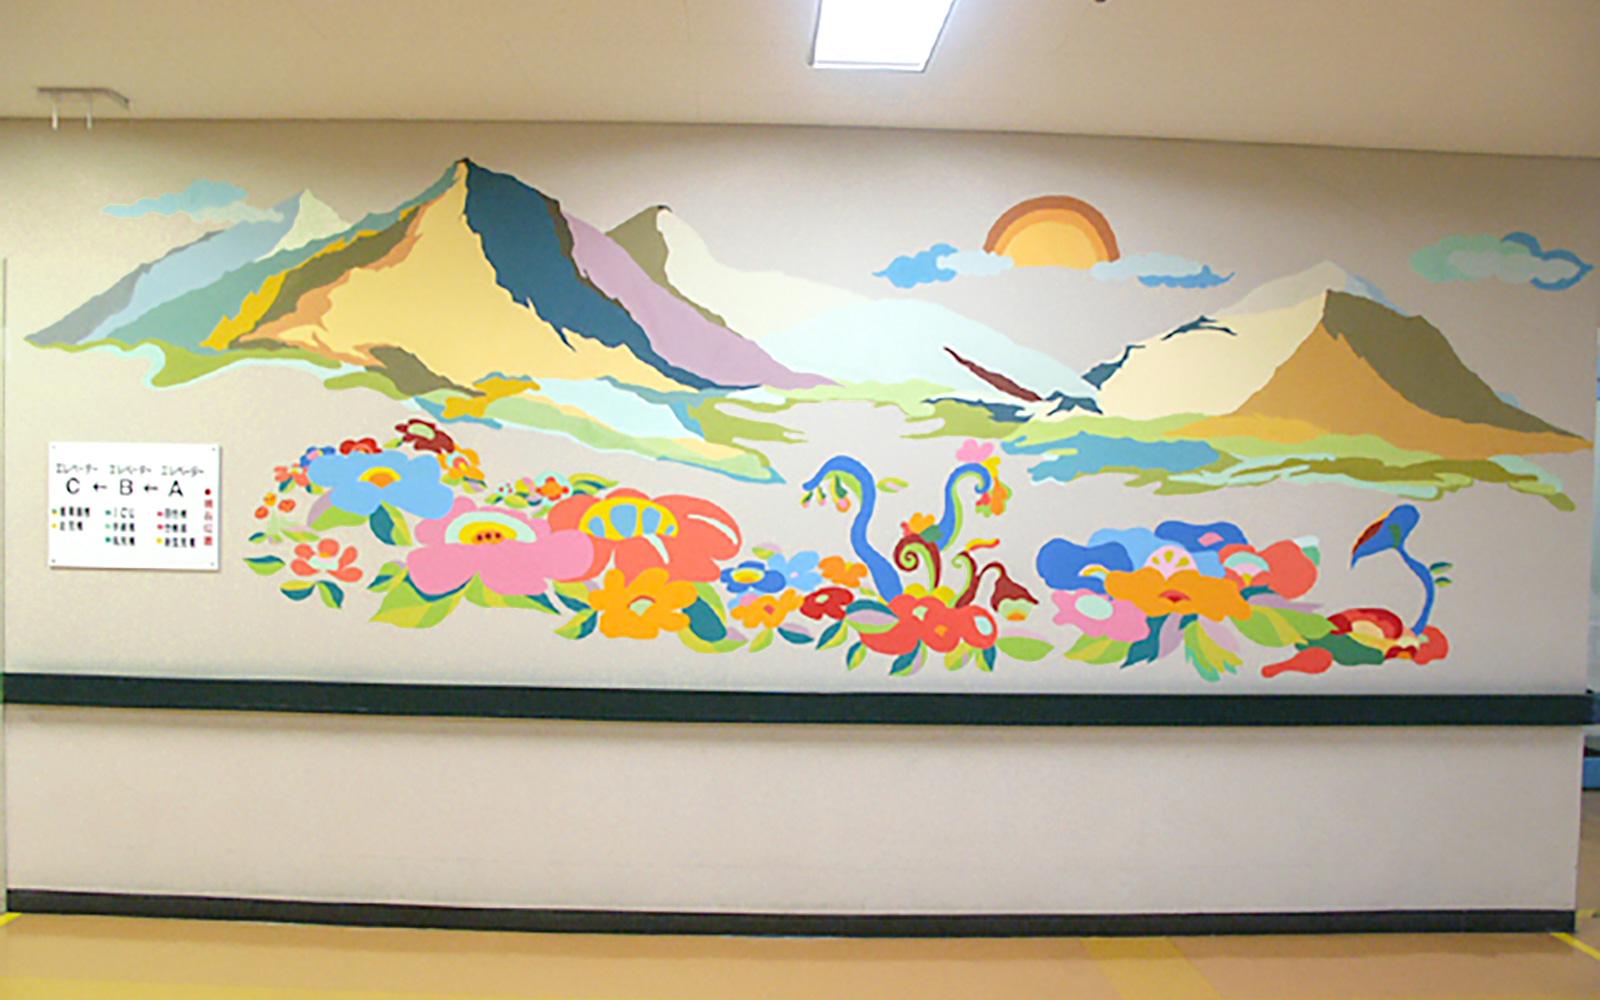 大阪 府立 母子 保健 総合 医療 センター